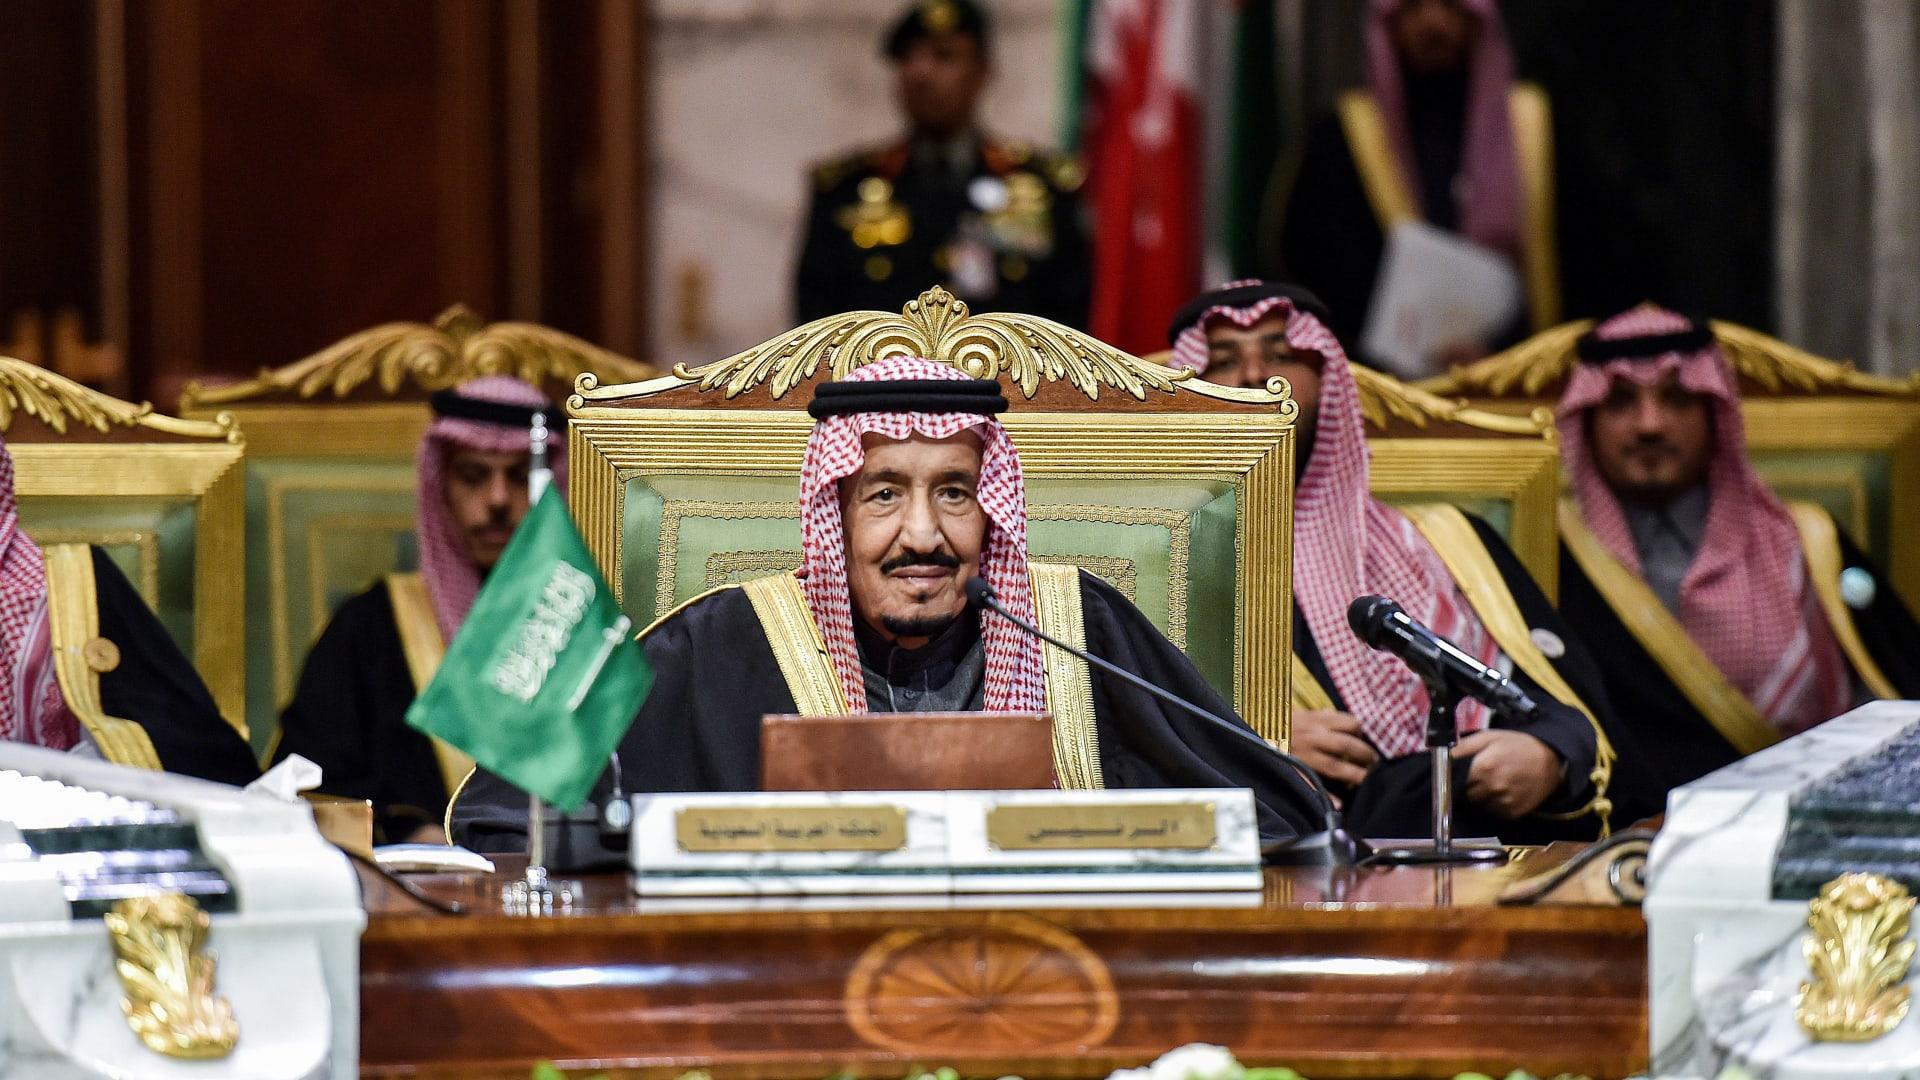 عاهل السعودية: إيران دولة جارة ونأمل أن تؤدي المحادثات بيننا إلى بناء الثقة والتعاون